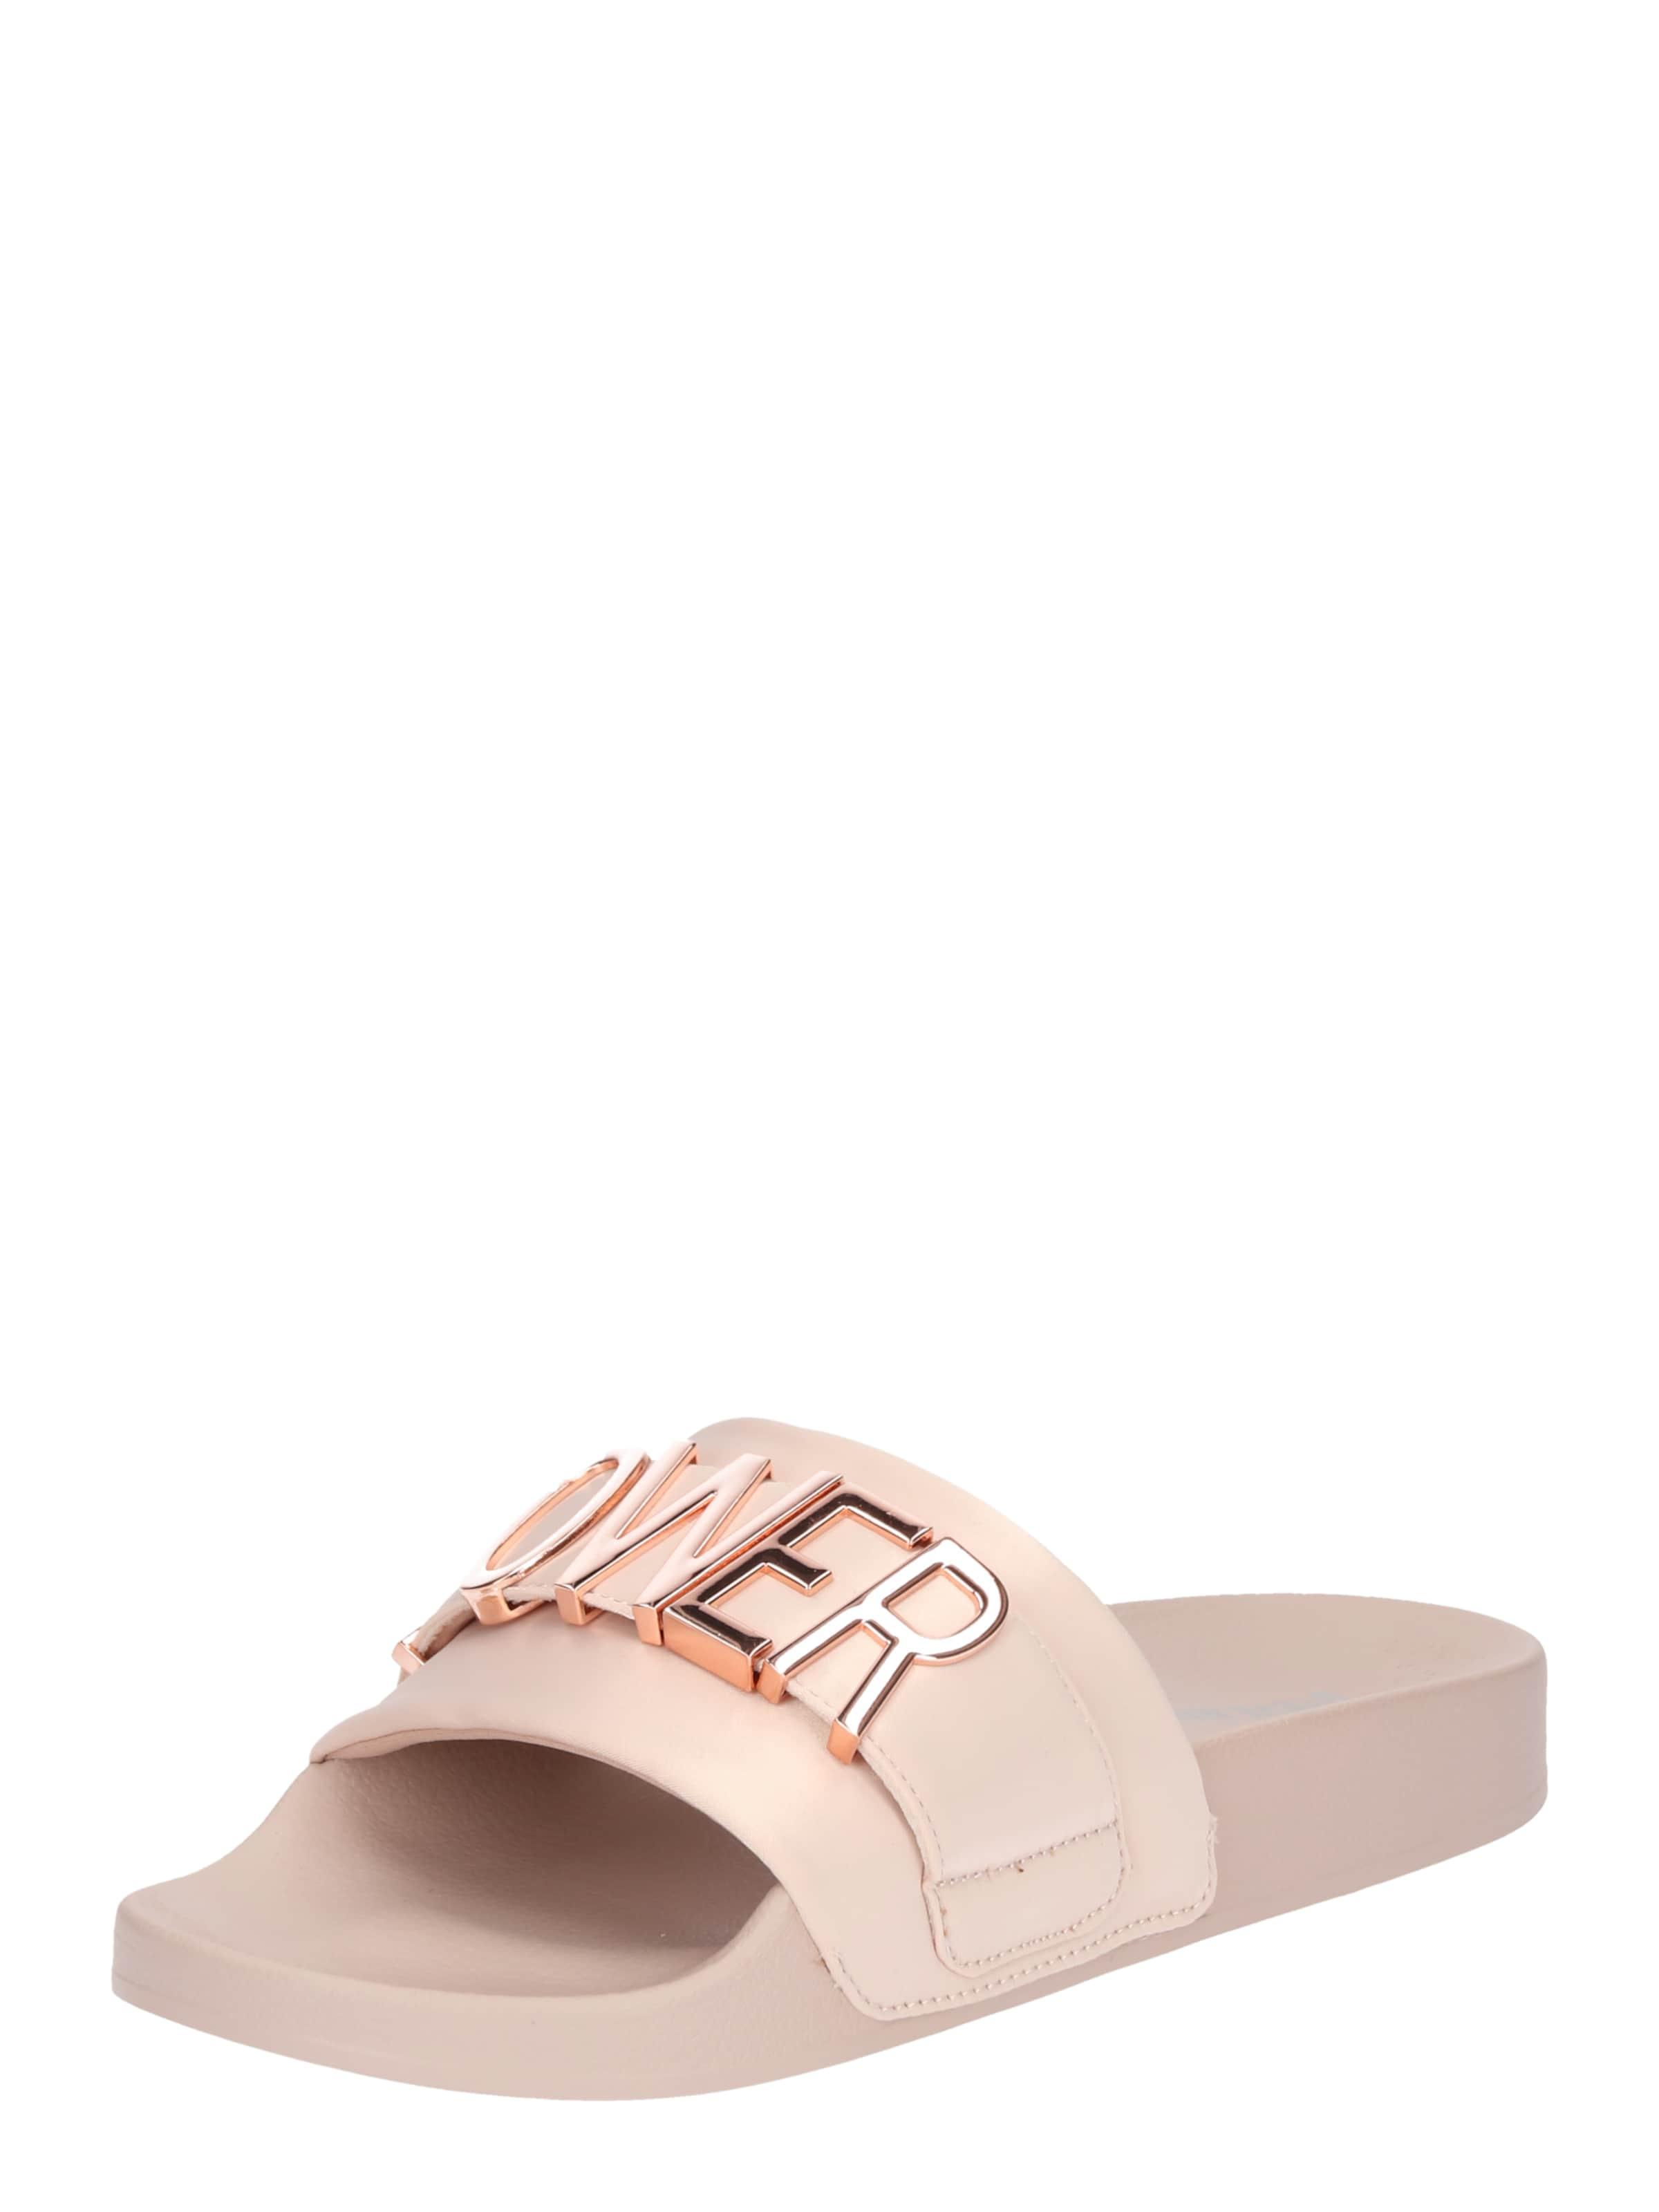 STEVE MADDEN Pantoletten WORD Verschleißfeste billige Schuhe